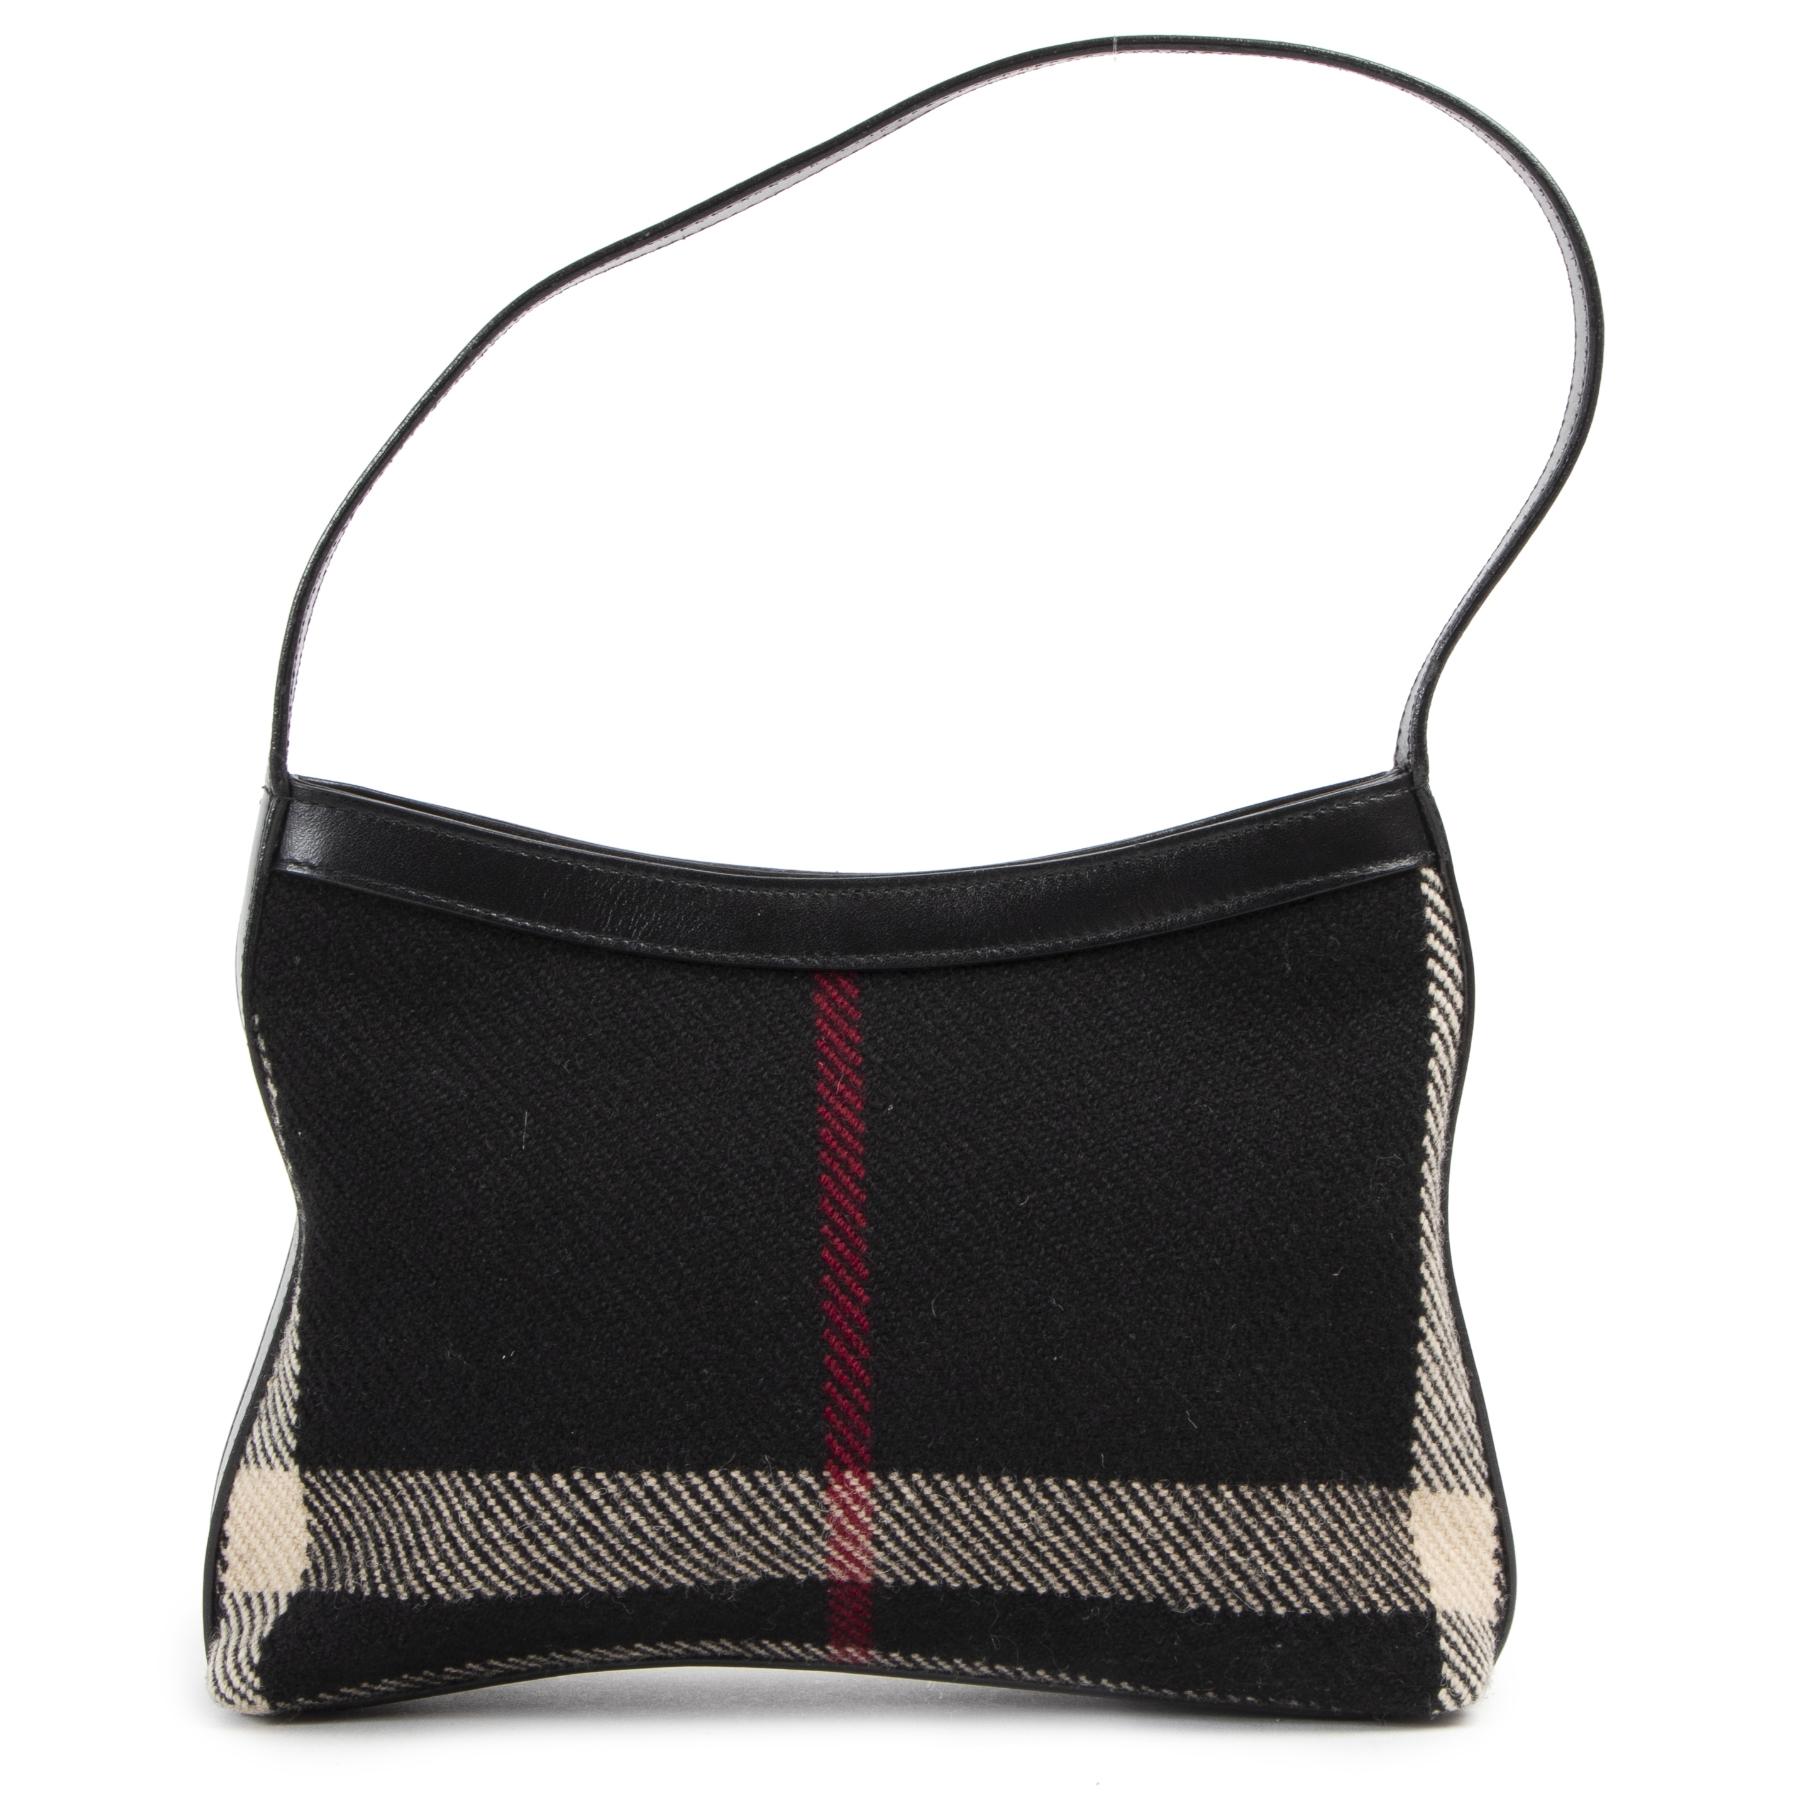 Burberry Black Check Wool Shoulder Bag aan de beste prijs te koop bij Labellov in Antwerpen